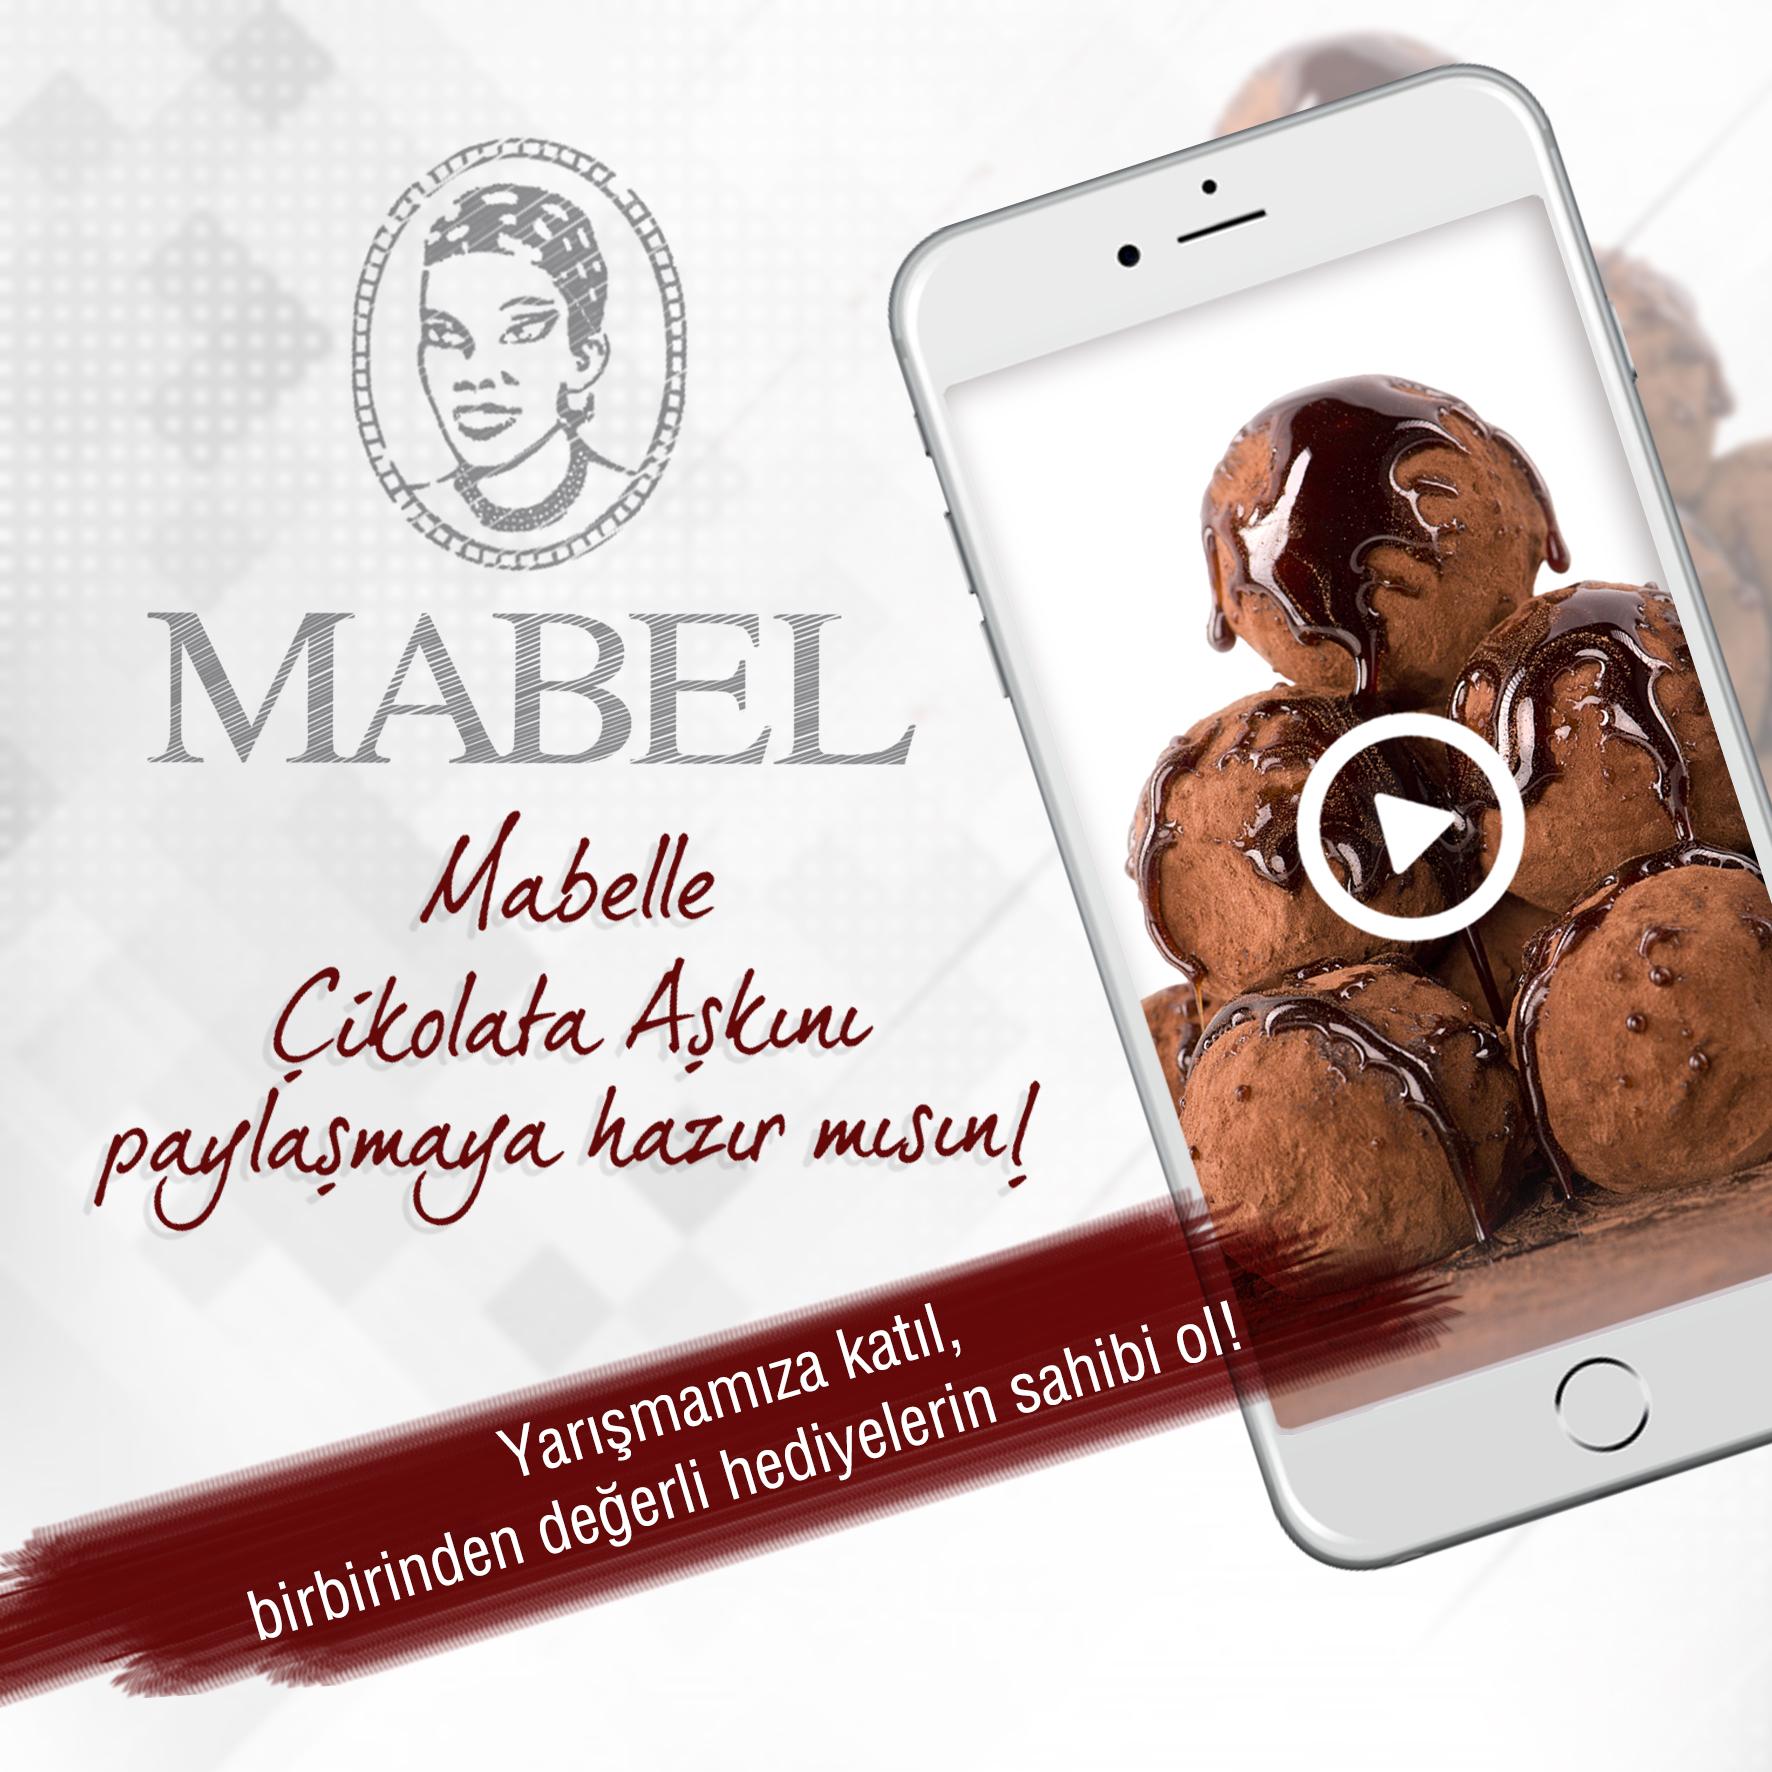 Türkiye'nin  çikolata üreticilerinden Mabel, 70. yılında sosyal medya üzerinden düzenlediği özel bir yarışma ile çikolata severleri bir araya getiriyor. Yarışmada çikolata aşkını 70 saniyede anlatanları sürpriz hediyeler bekliyor.